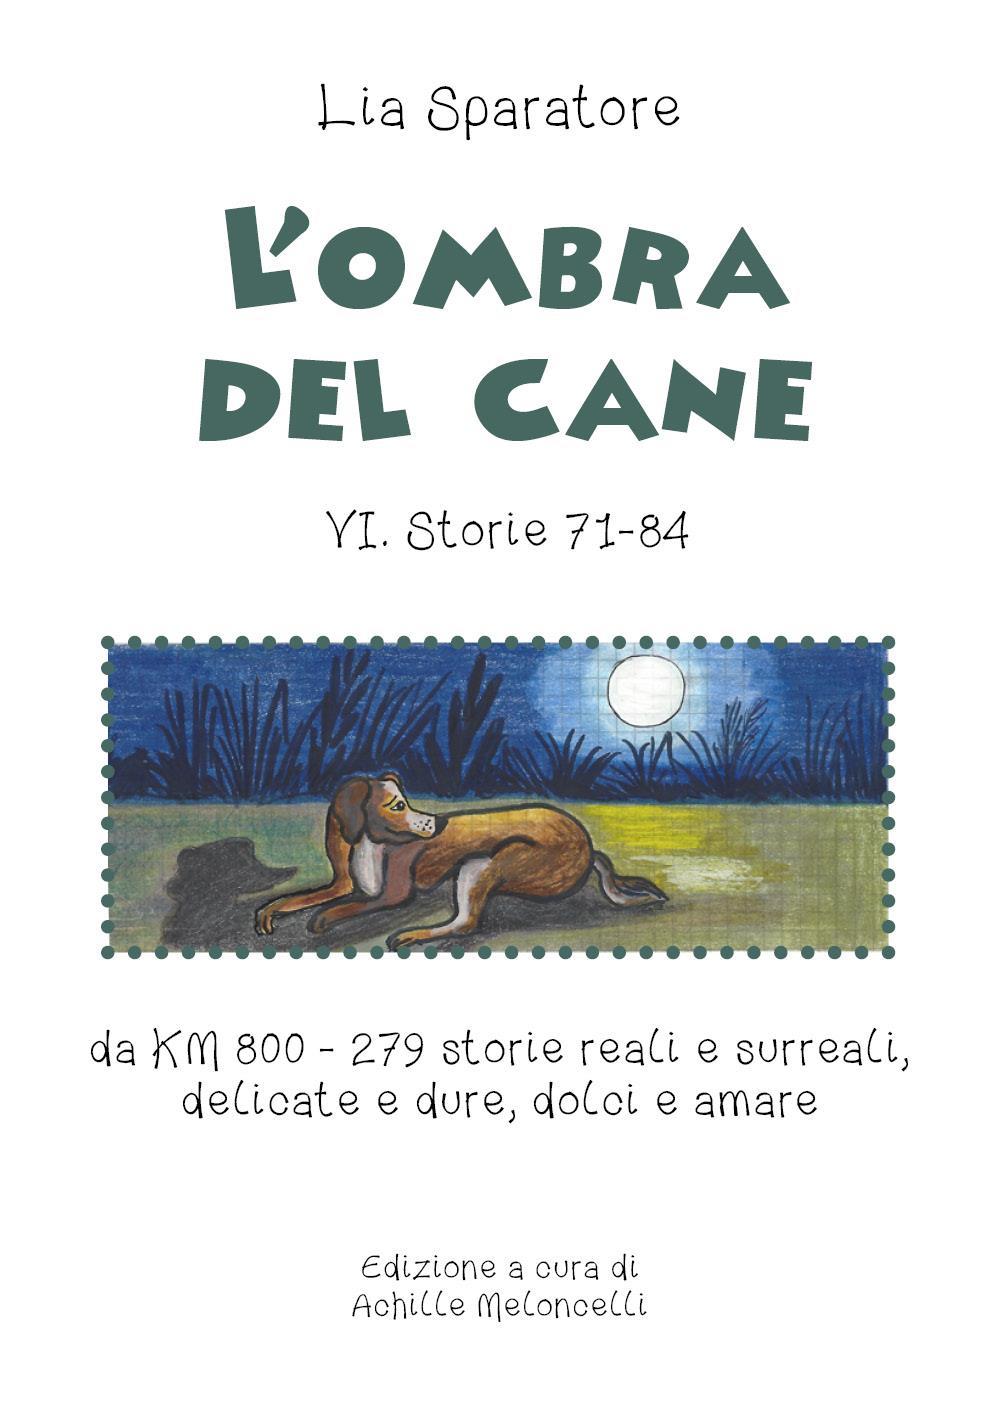 L'ombra del cane VI. Storie 71-84 da KM 800 - 279 storie reali e surreali, delicate e dure, dolci e amare